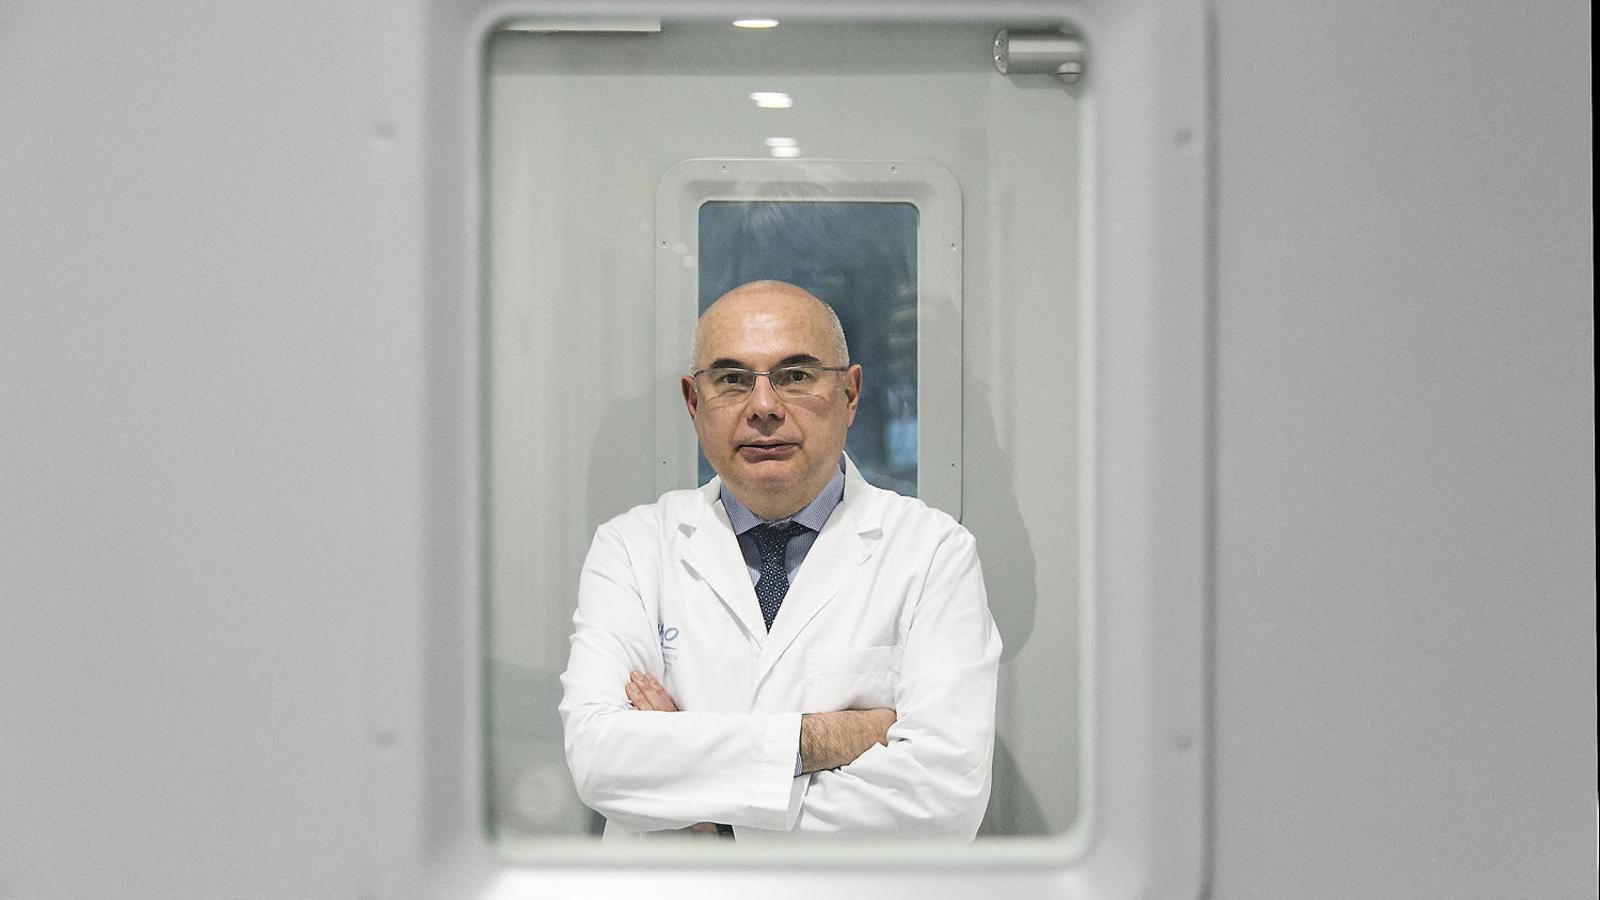 El director del Vall d'Hebron Institut d'Oncologia, Josep Tabernero, un dels oncòlegs més reconeguts del món.